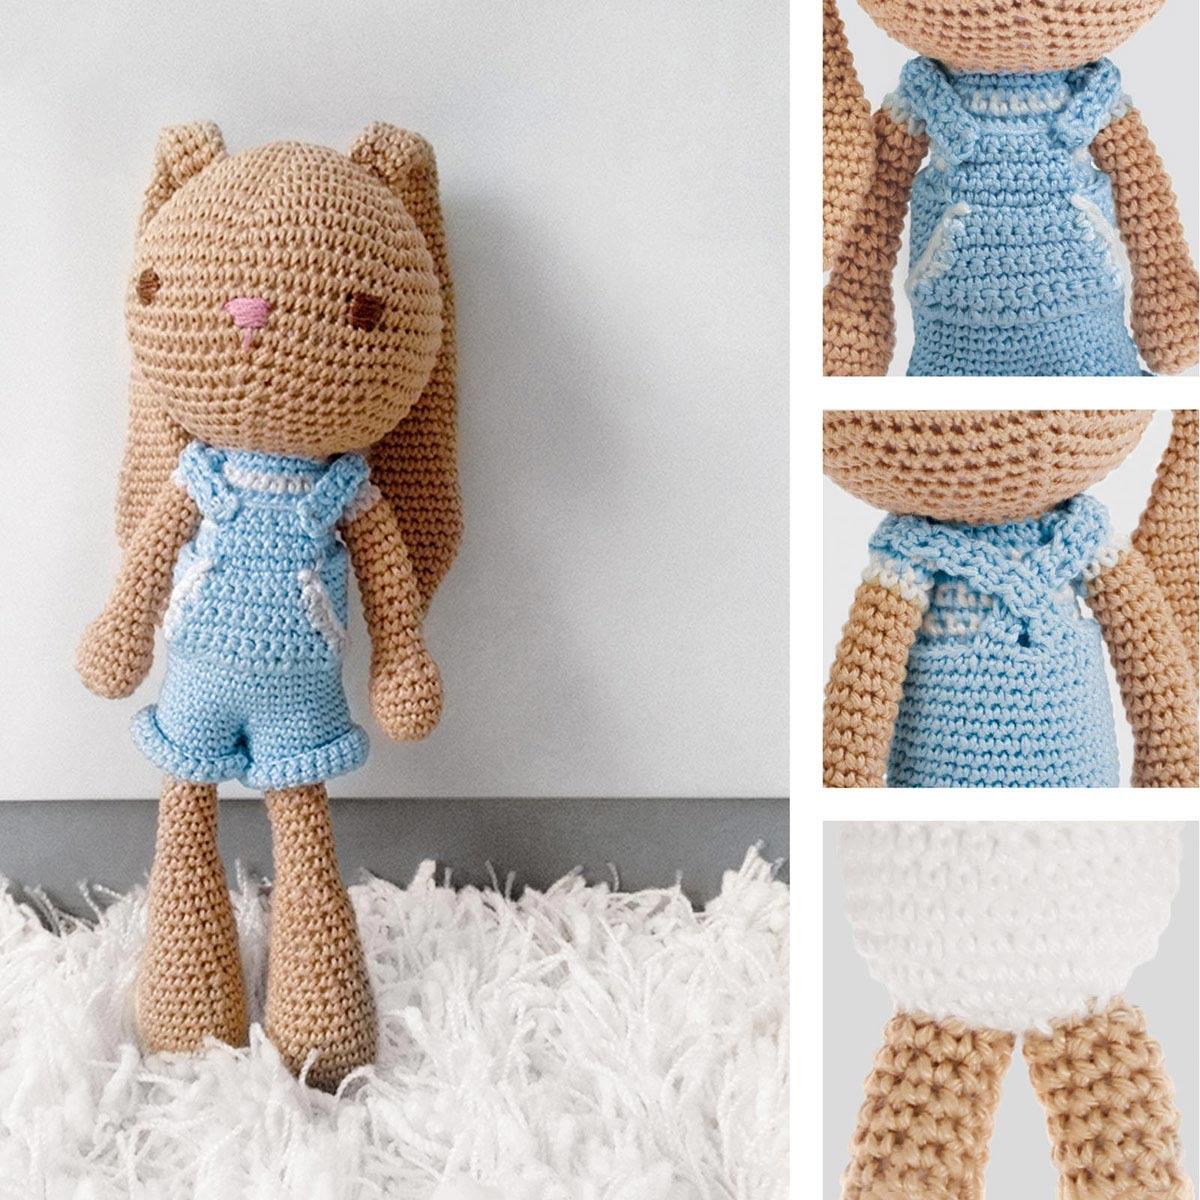 1657303 Мягкая игрушка 'Зайка Франк', набор для вязания, 12*10*4 см